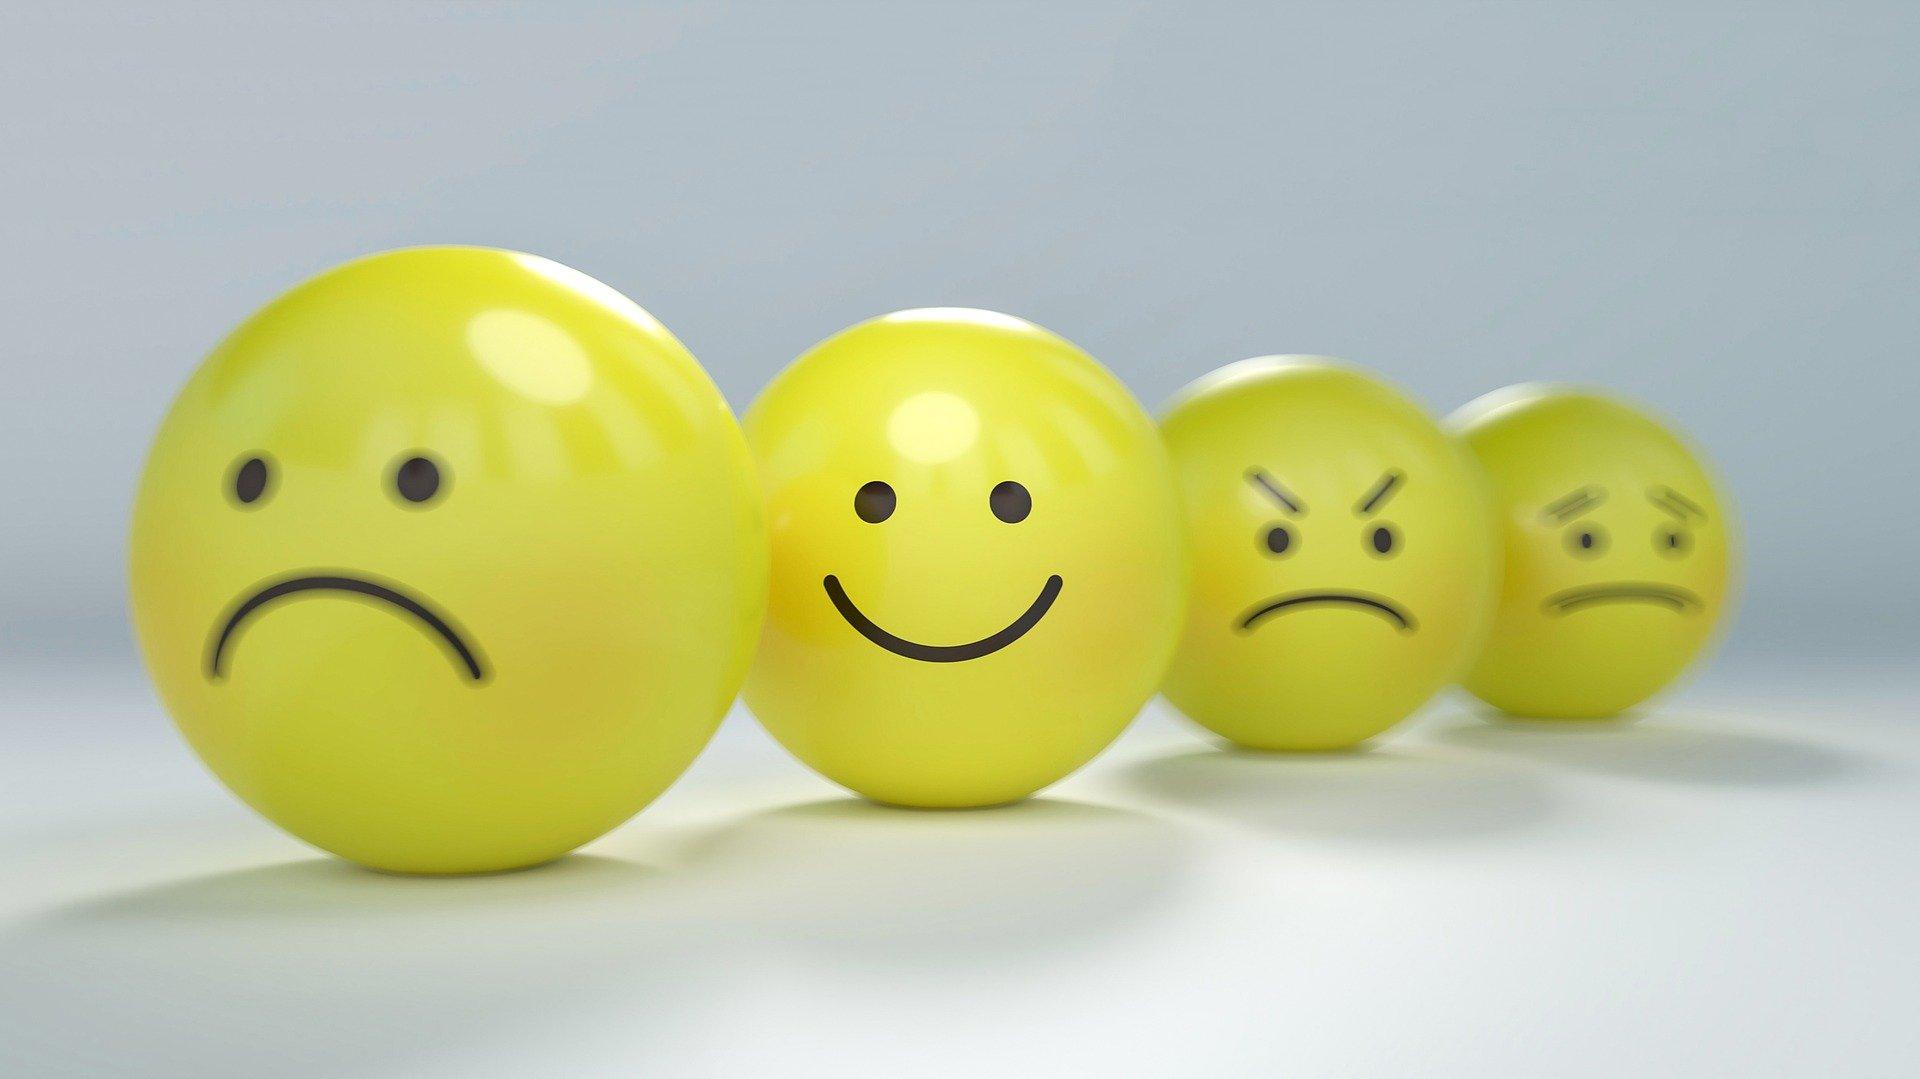 Trening Kontrolowania Złości, Agresji i Emocji Trudnych. Szkolenie online. 10-11.04.21 r.